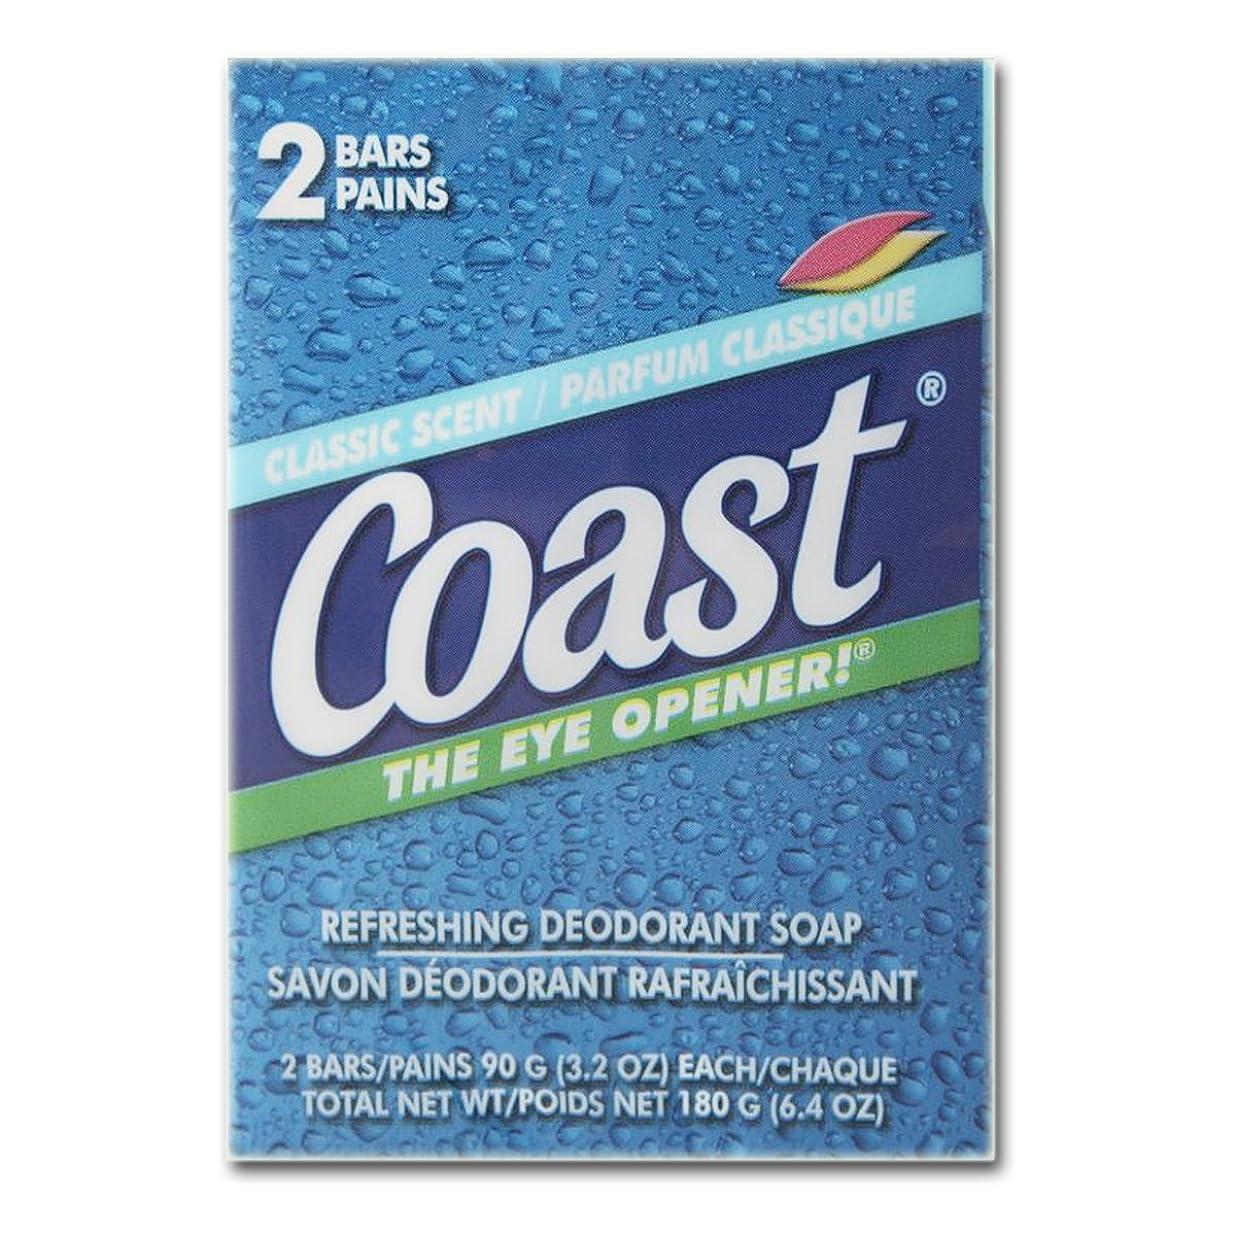 民主党バイナリストレッチコースト(Coast) 石けんパシフィックフォース2個入り×24パック(48個)